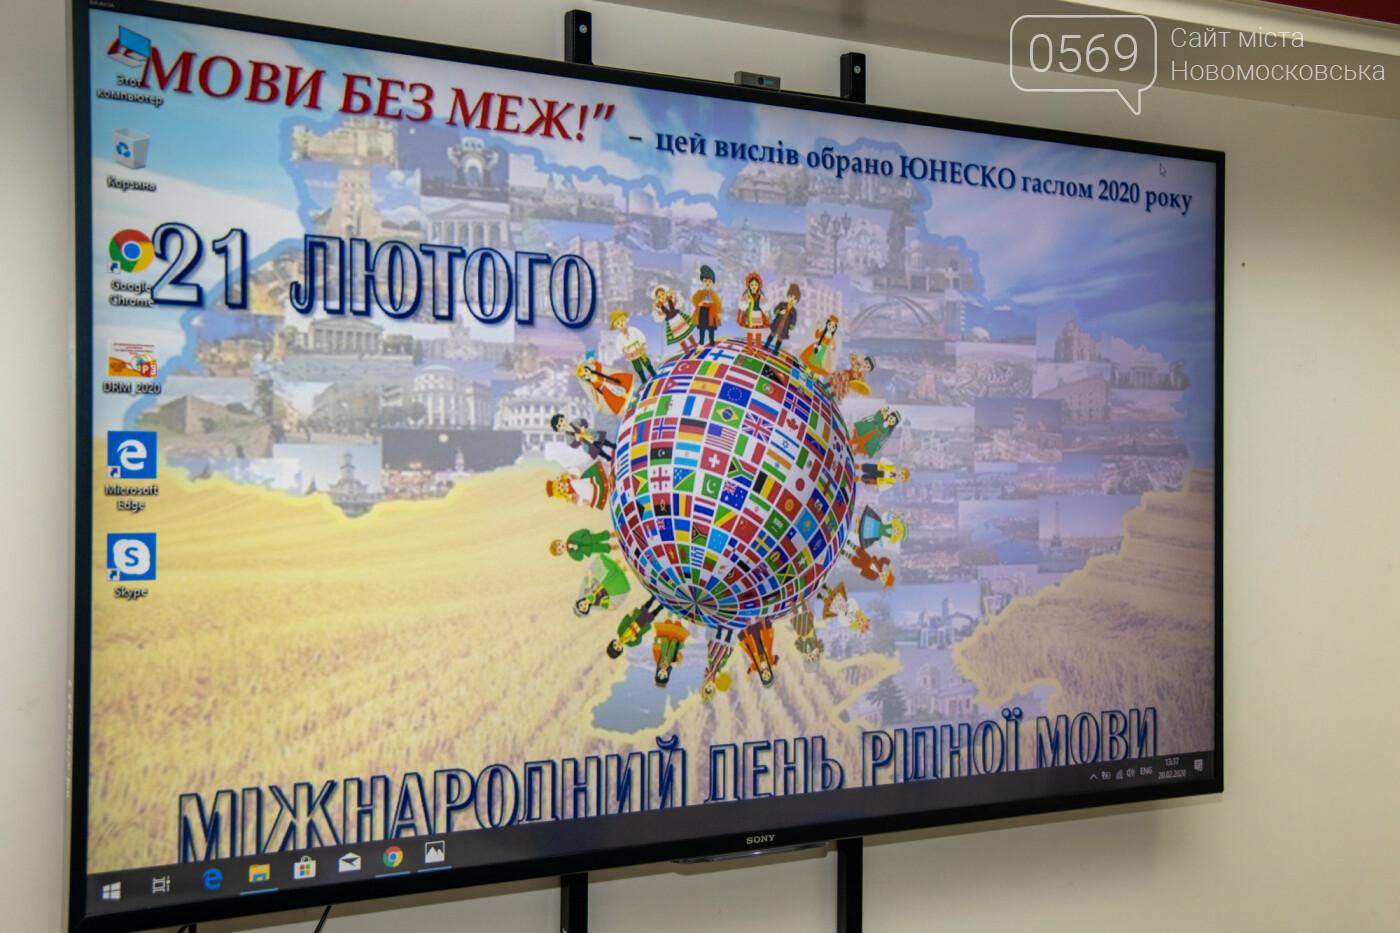 До Міжнародного дня рідної мови на Дніпропетровщині провели мистецько-читацьку конференцію, фото-1